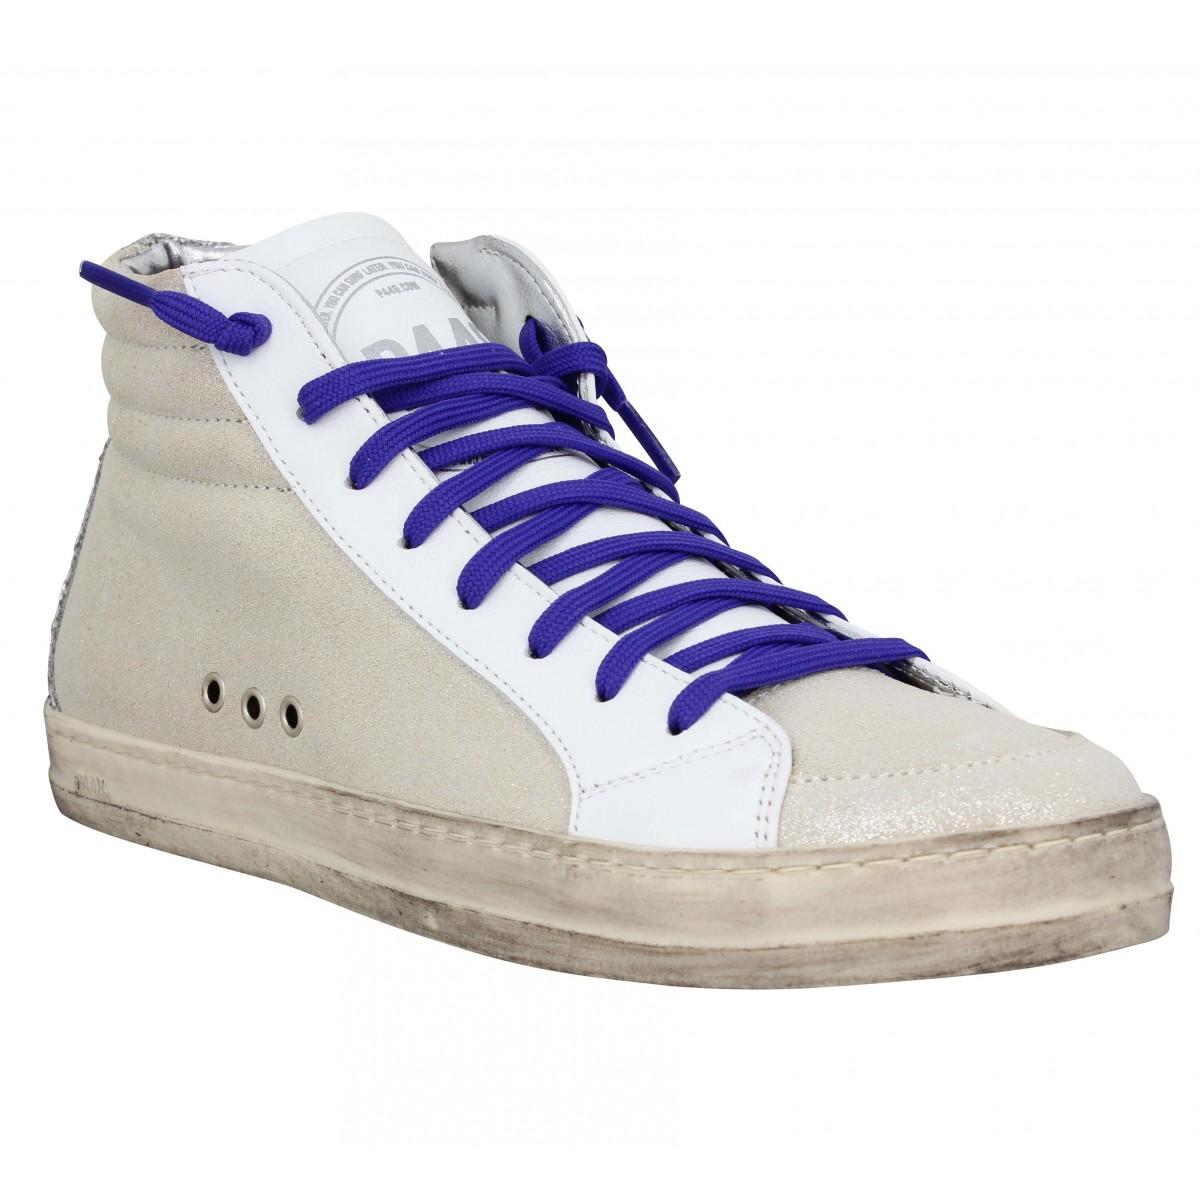 P448 Femme Skate Velours -35-blanc Spark